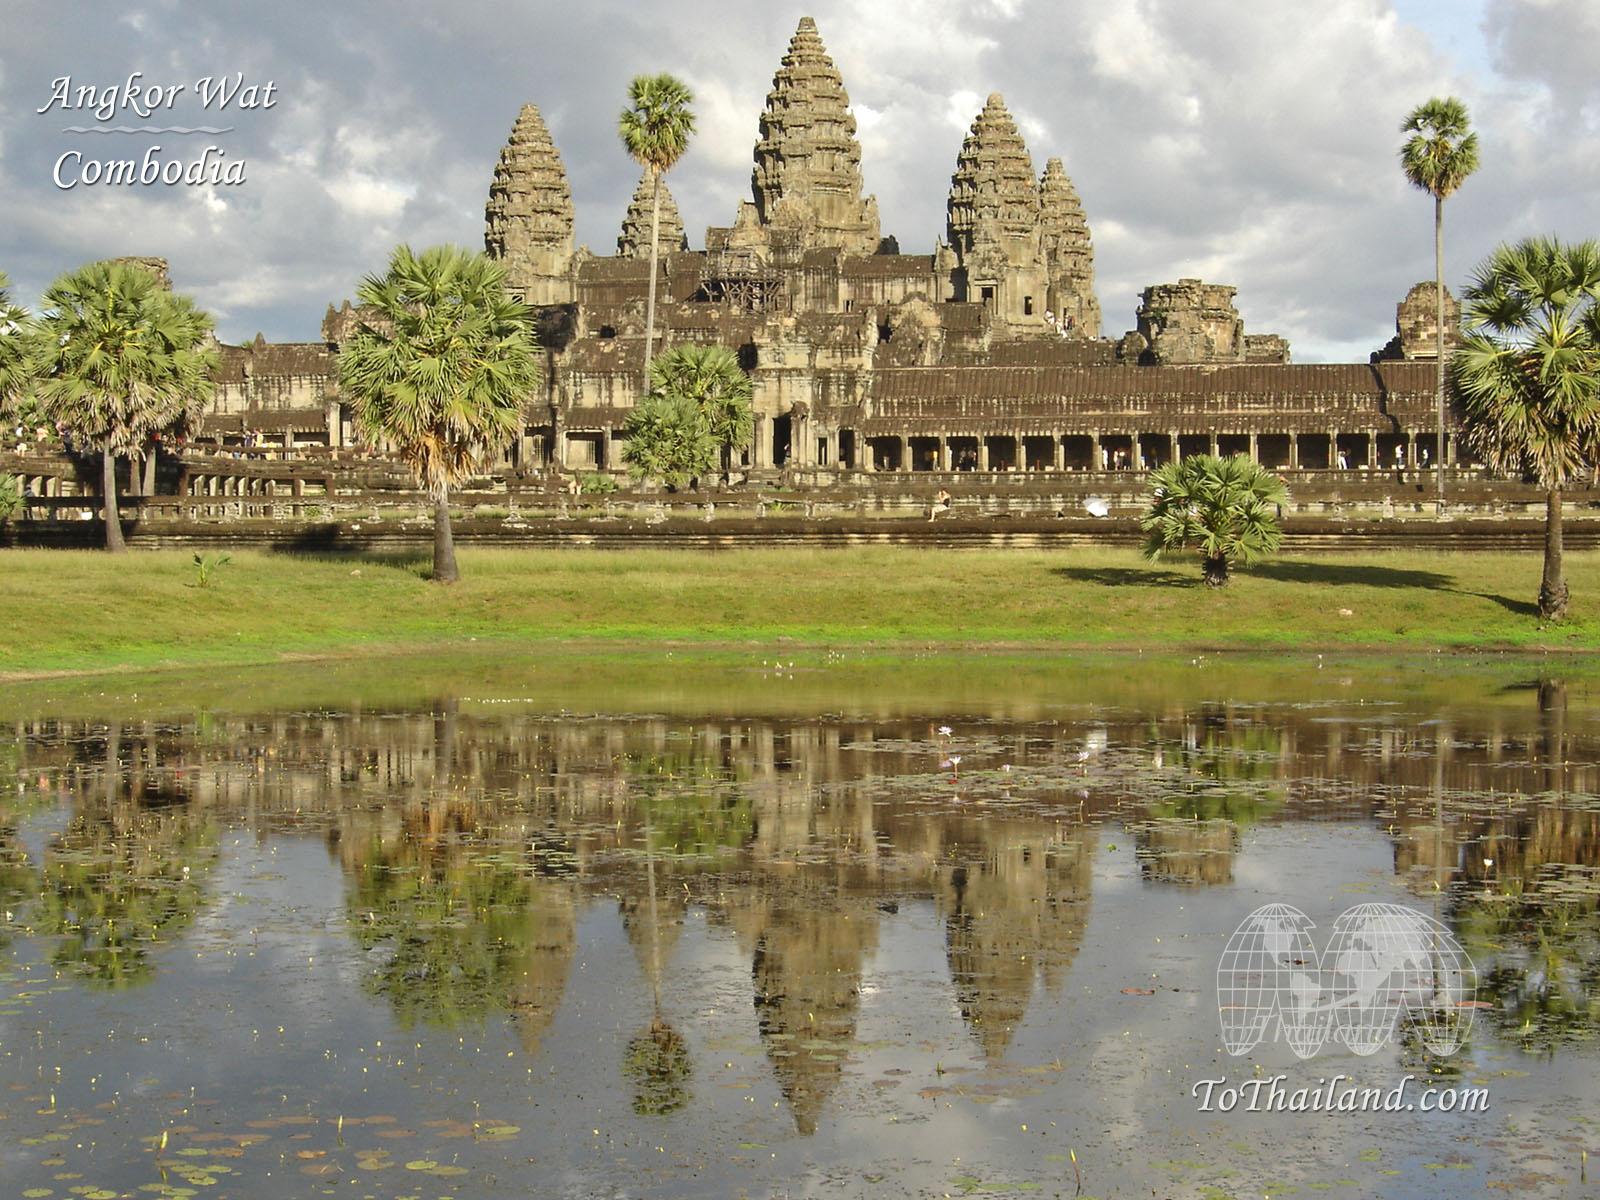 http://2.bp.blogspot.com/-zdi8OS_Sye8/TchtP46fAZI/AAAAAAAACPU/BOdzL74lcss/s1600/angkor_wat_cambodia.jpg